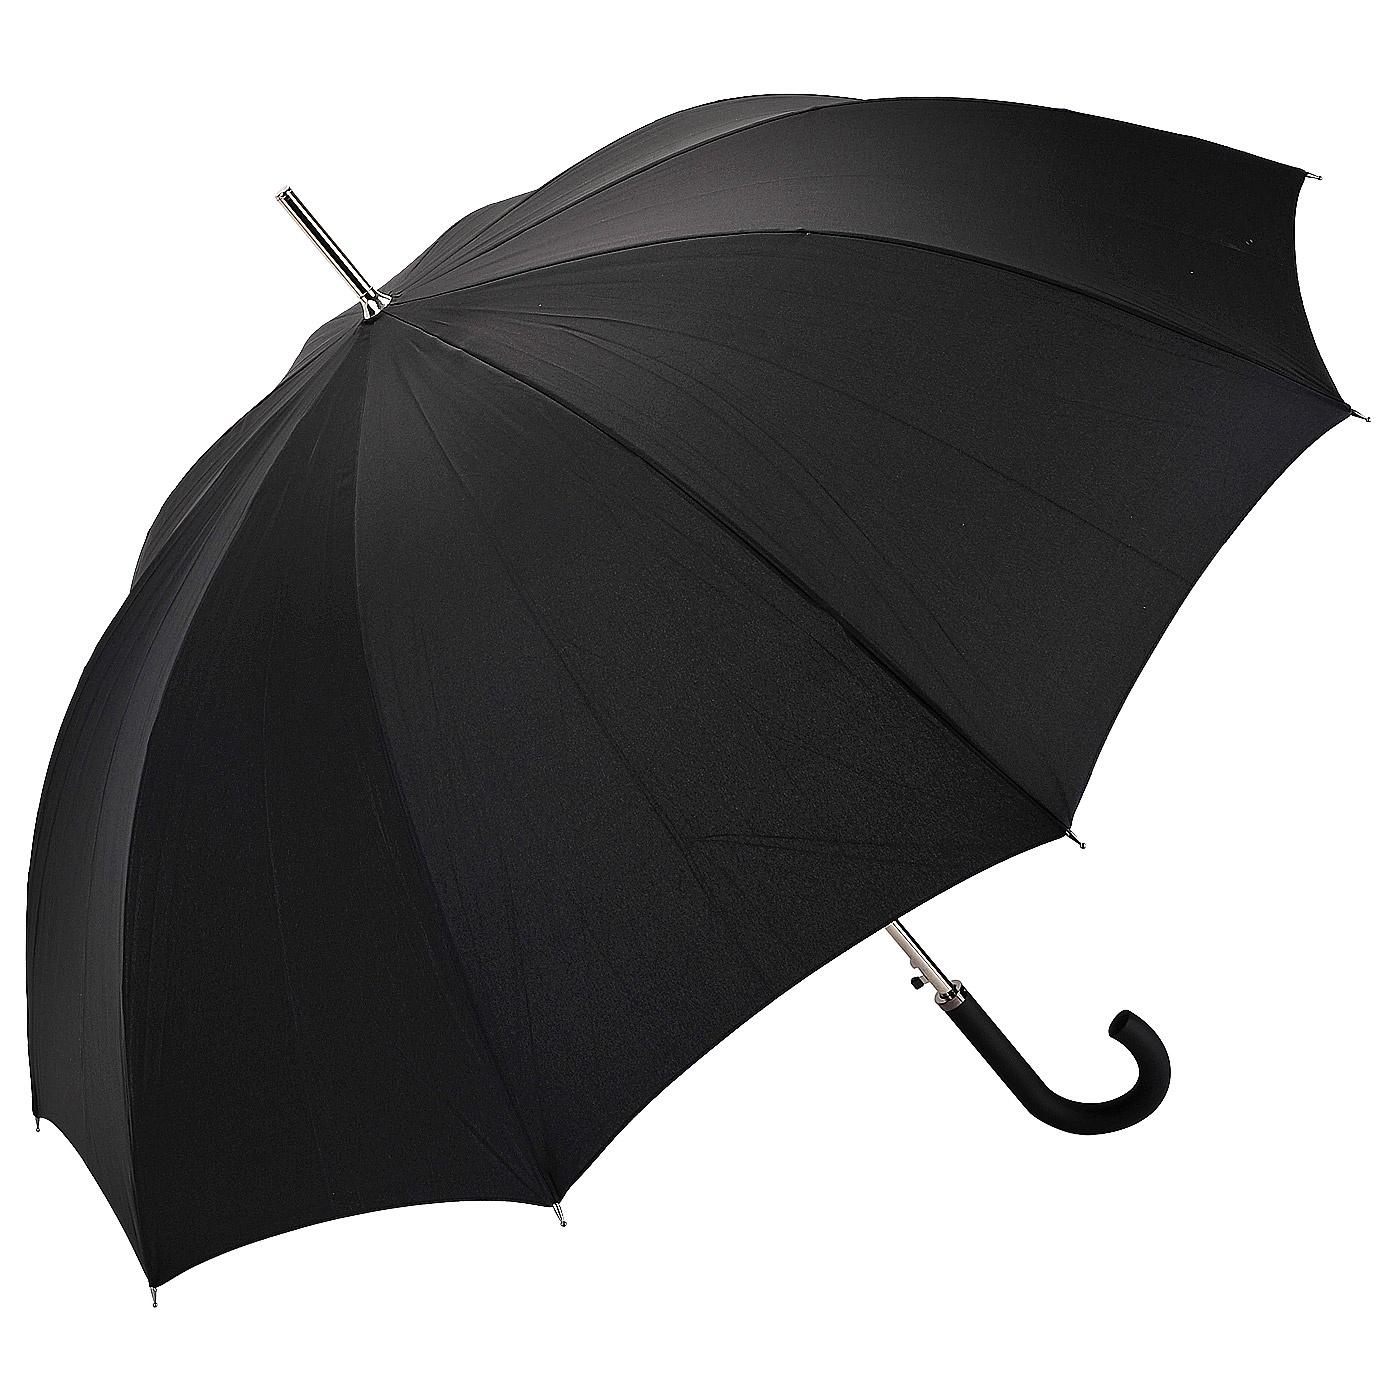 цена Зонт Doppler Carbonsteel Lang, черный в интернет-магазинах